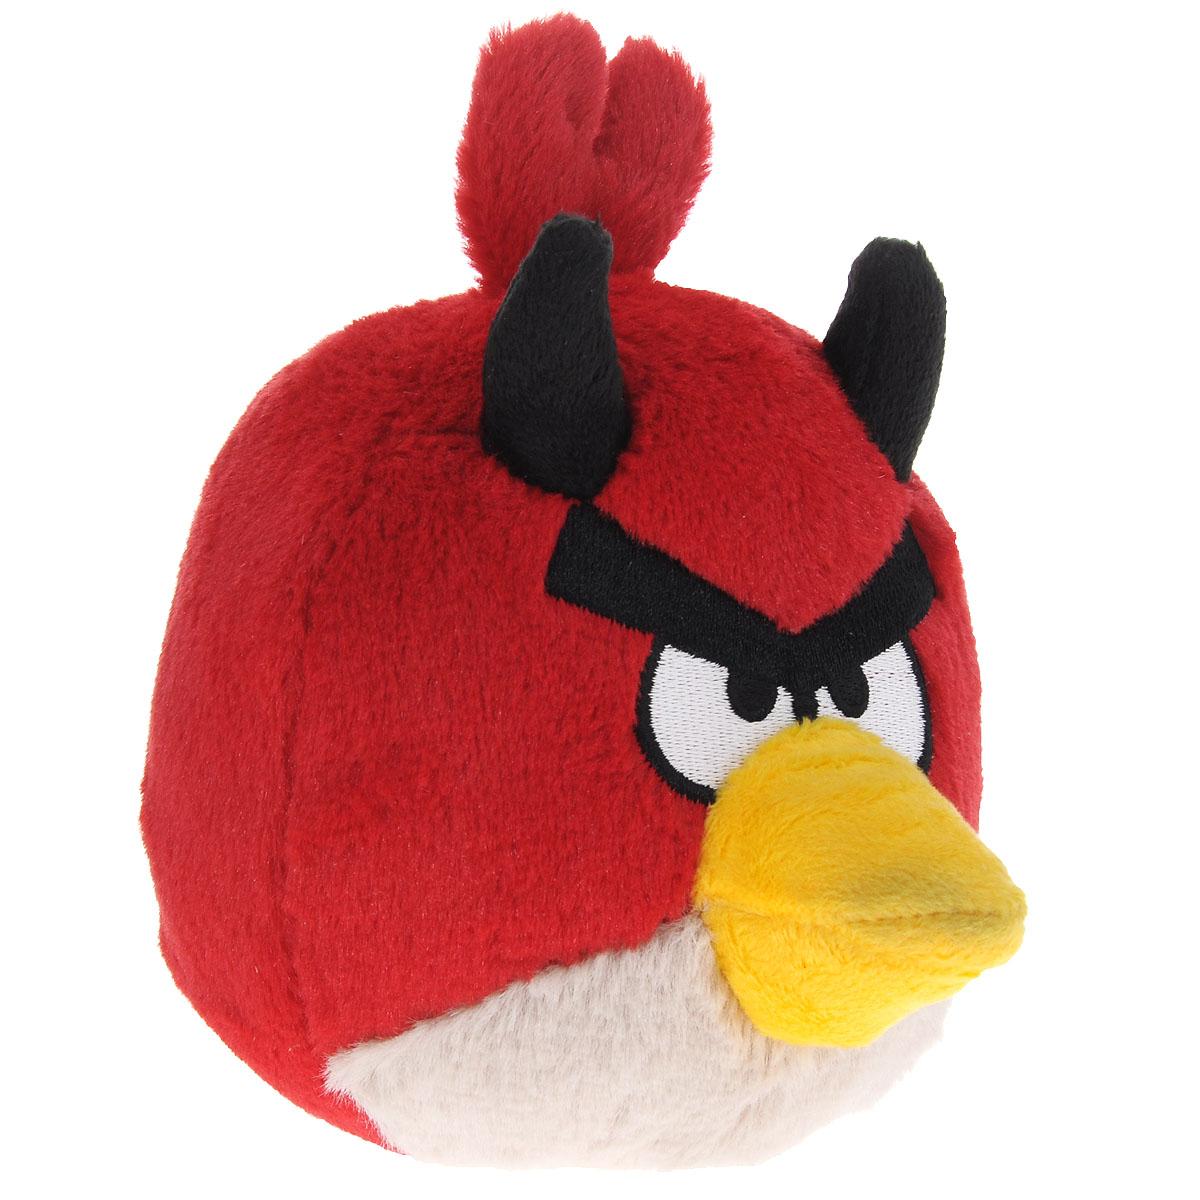 Angry Birds Мягкая озвученная игрушка Halloween цвет красный 14 см91786красныйМягкая озвученная игрушка Angry Birds Halloween подарит вашему ребенку много радости и веселья. Удивительно приятная на ощупь игрушка выполнена в виде всем известного персонажа из популярной игры Angry Birds - красной птицы. На голове у нее расположены рожки. При нажатии на кнопку, расположенную на макушке, игрушка начинает смеяться и издавать забавные звуки. Чудесная мягкая игрушка непременно поднимет настроение своему обладателю и станет замечательным подарком к любому празднику.